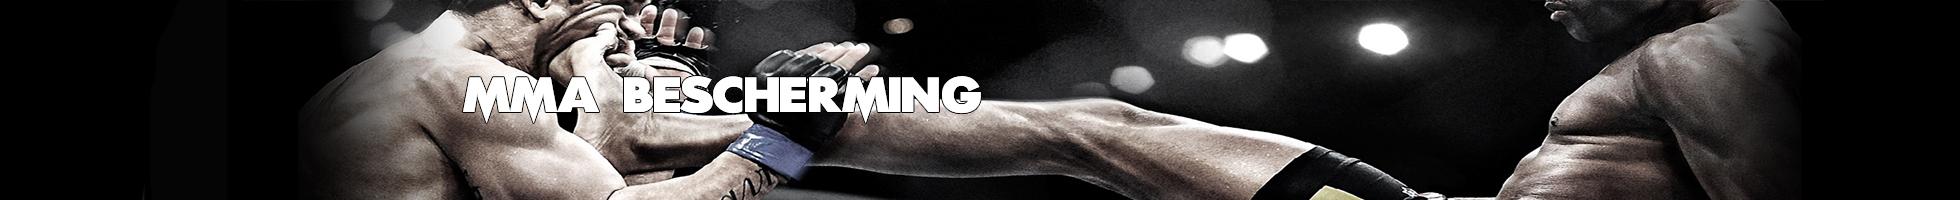 MMA bescherming